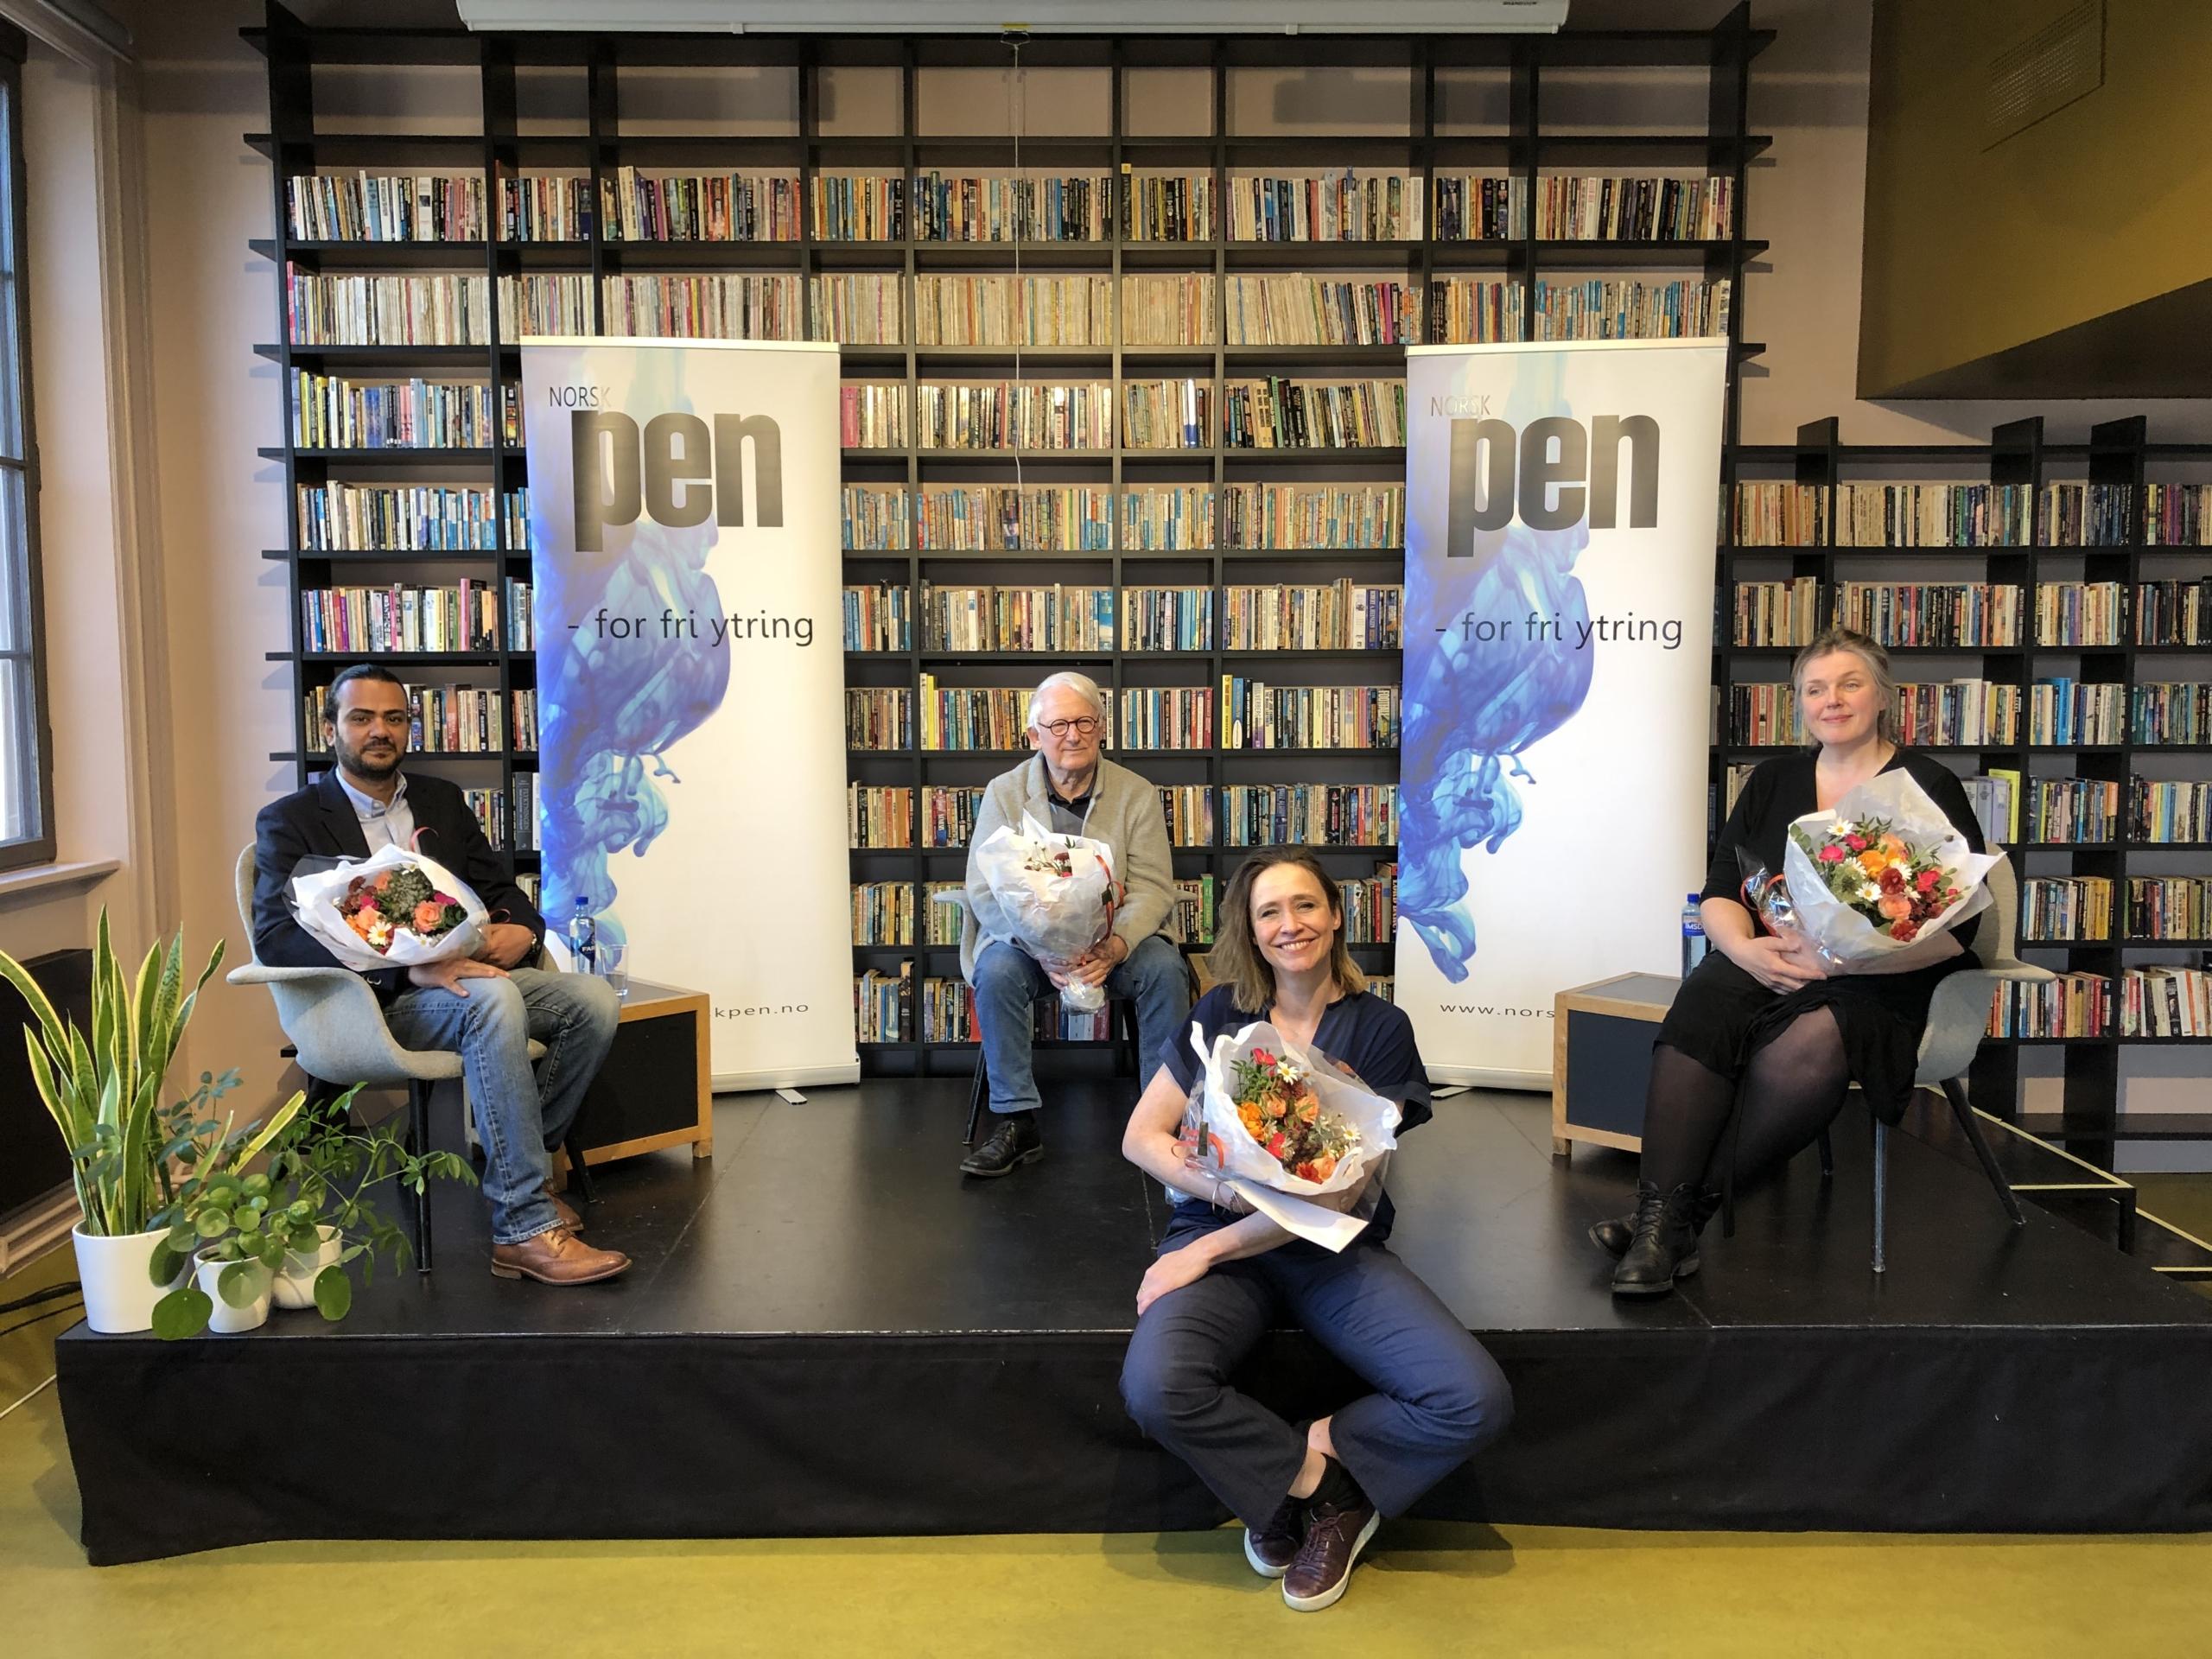 Fra venstre: Ahmed Falah (satiretegner), Finn Graff (satiretegner), Bianca Boege (kurator i Avistegnernes Hus) og Siri Dokken (satiretegner).